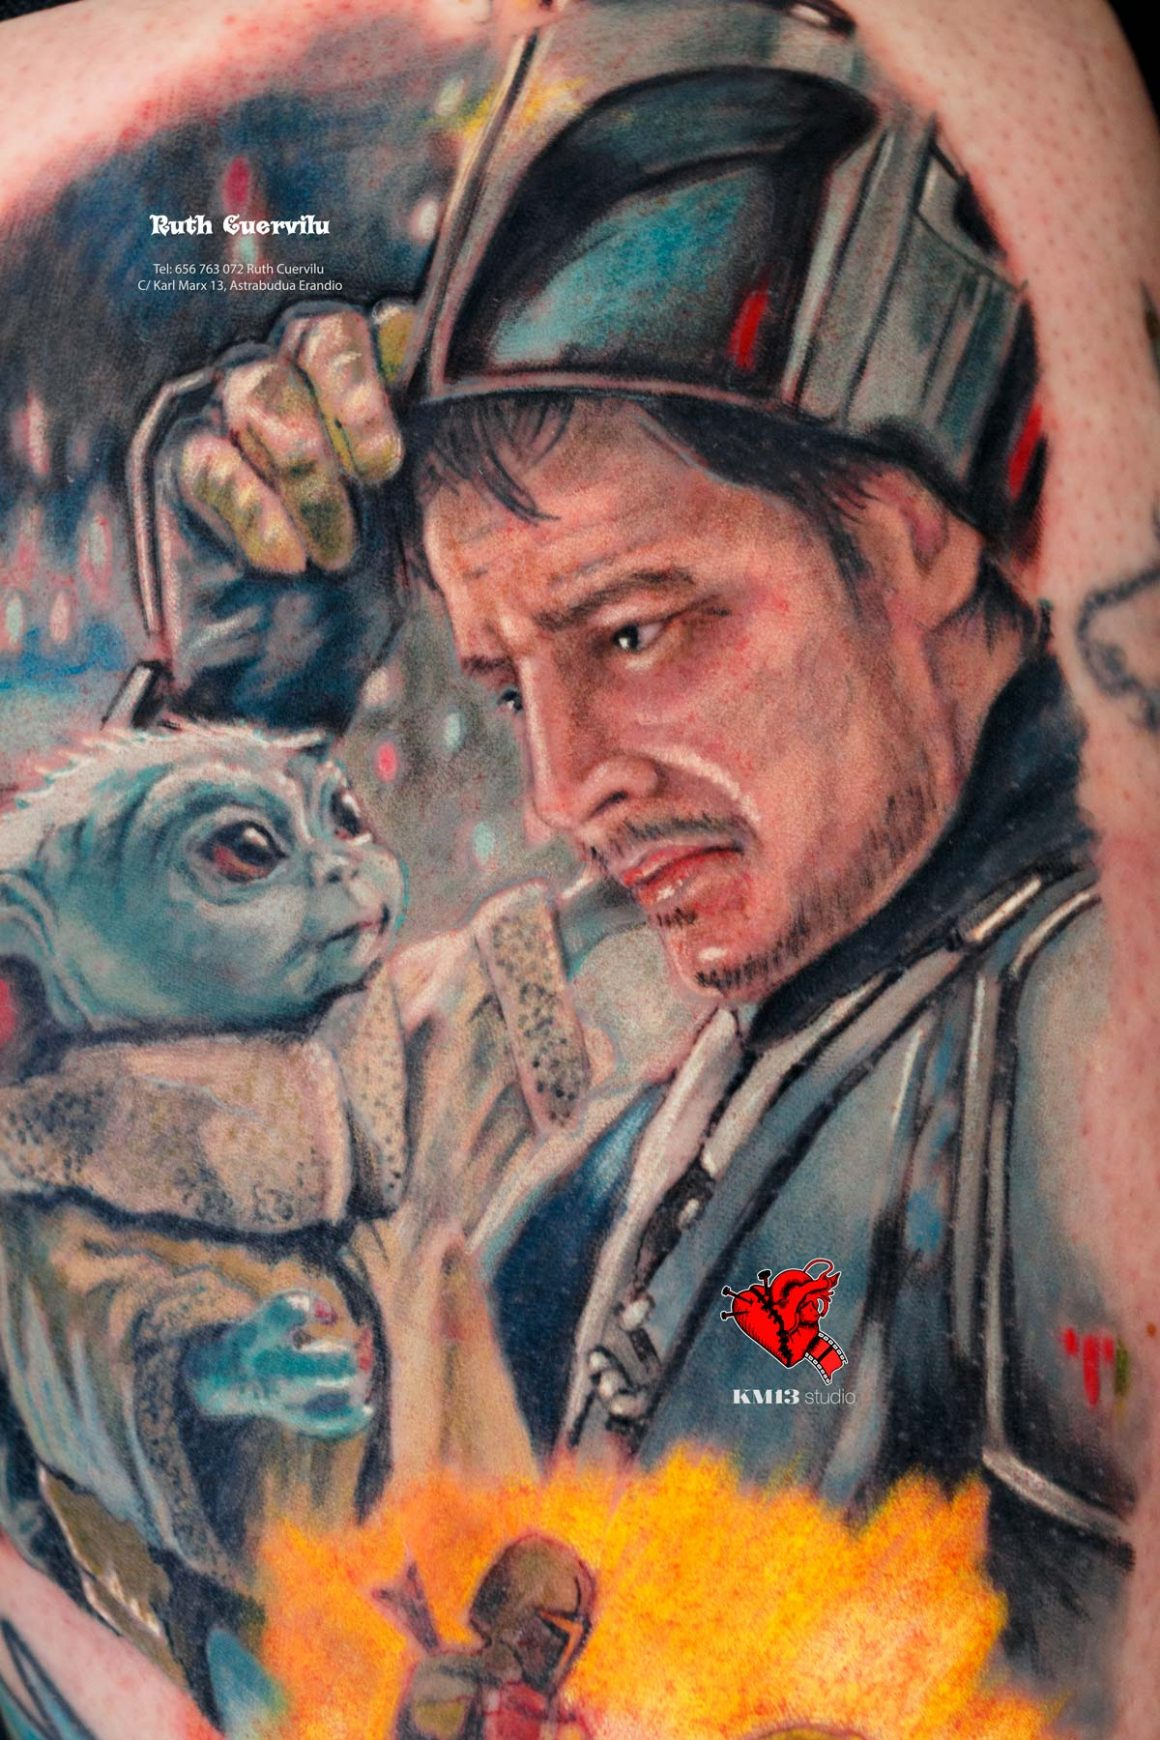 Tatuajes en Realismo o Ilustración por Ruth Cuervilu Tattoo en KM13 Studio